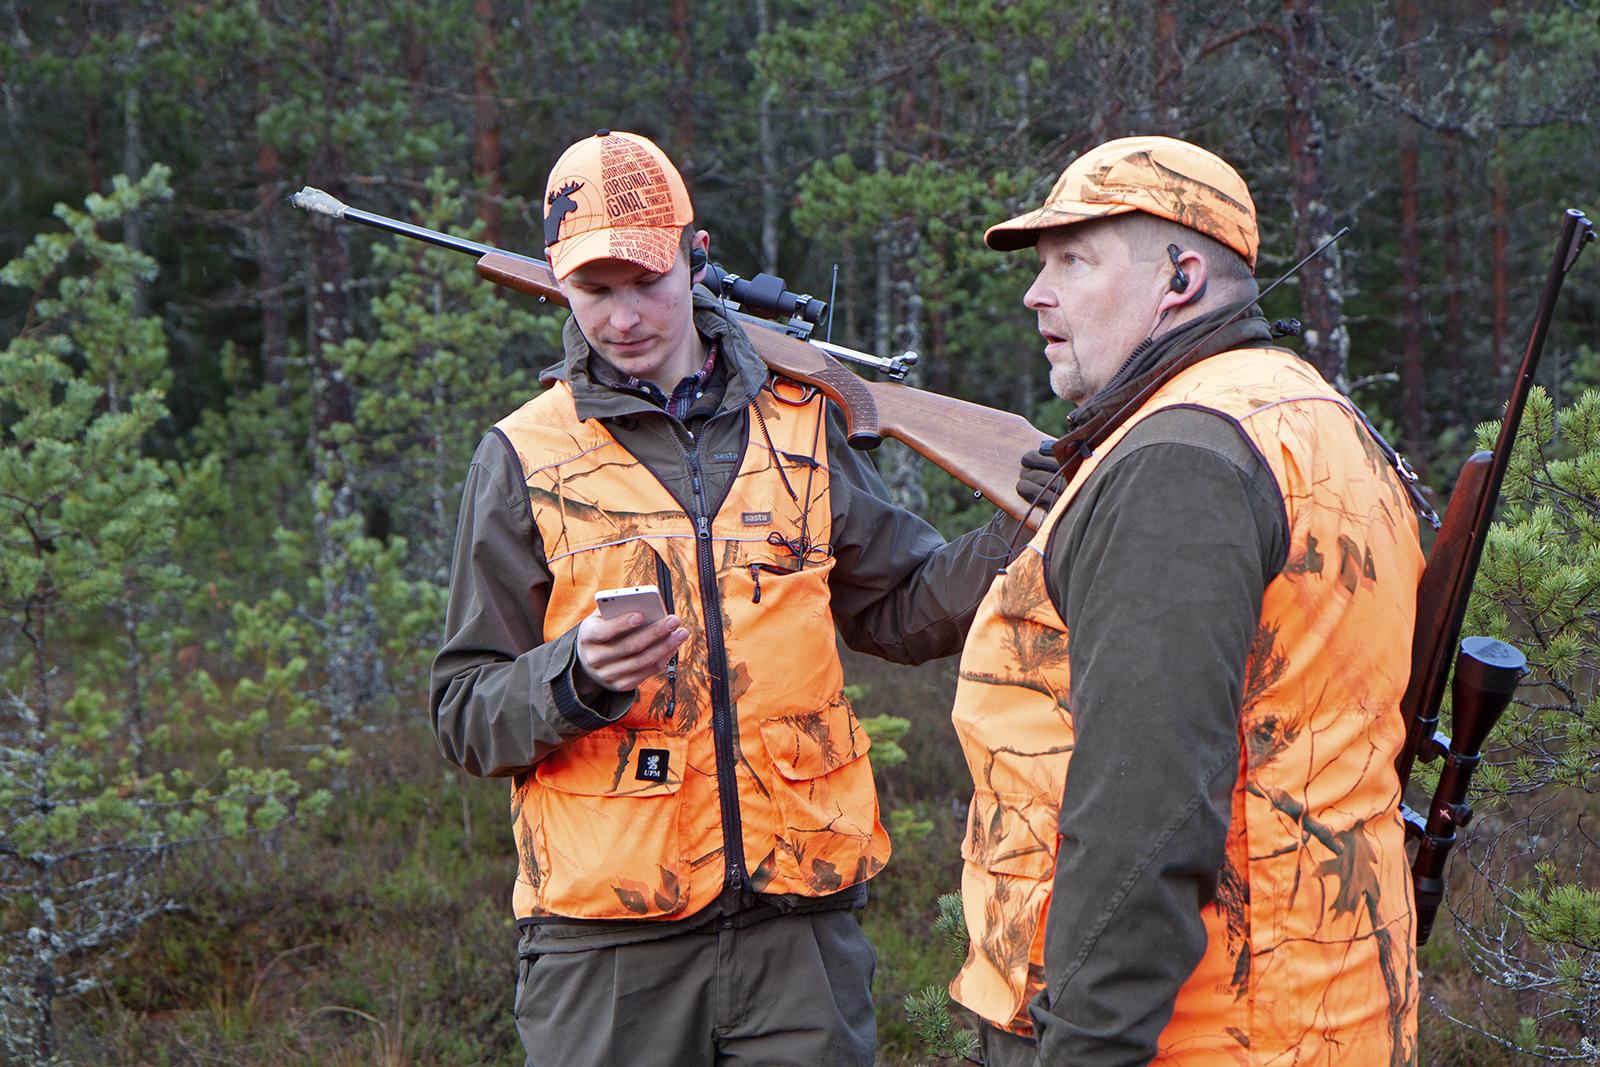 Perttu Valosen ja Juha-Matti Valosen tärkein varuste metsään lähtiessä on kiikari. Oranssit vaatteet ovat turvallisuuden vuoksi metsästyksessä pakolliset. Kuva: Anna Kauppi